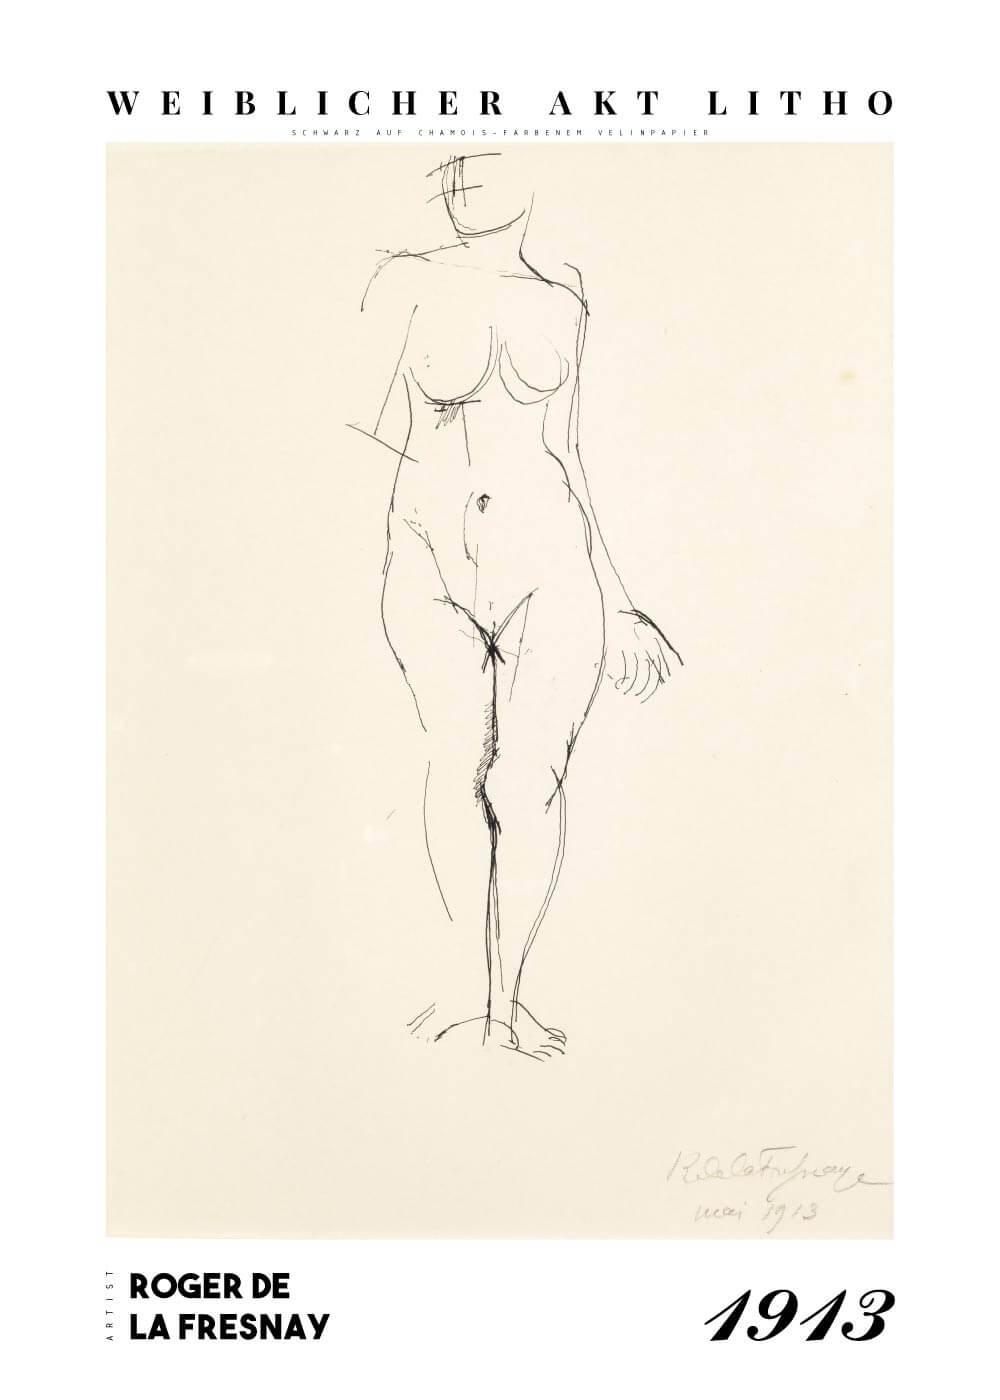 Weiblicher akt litho - Roger de La Fresnaye